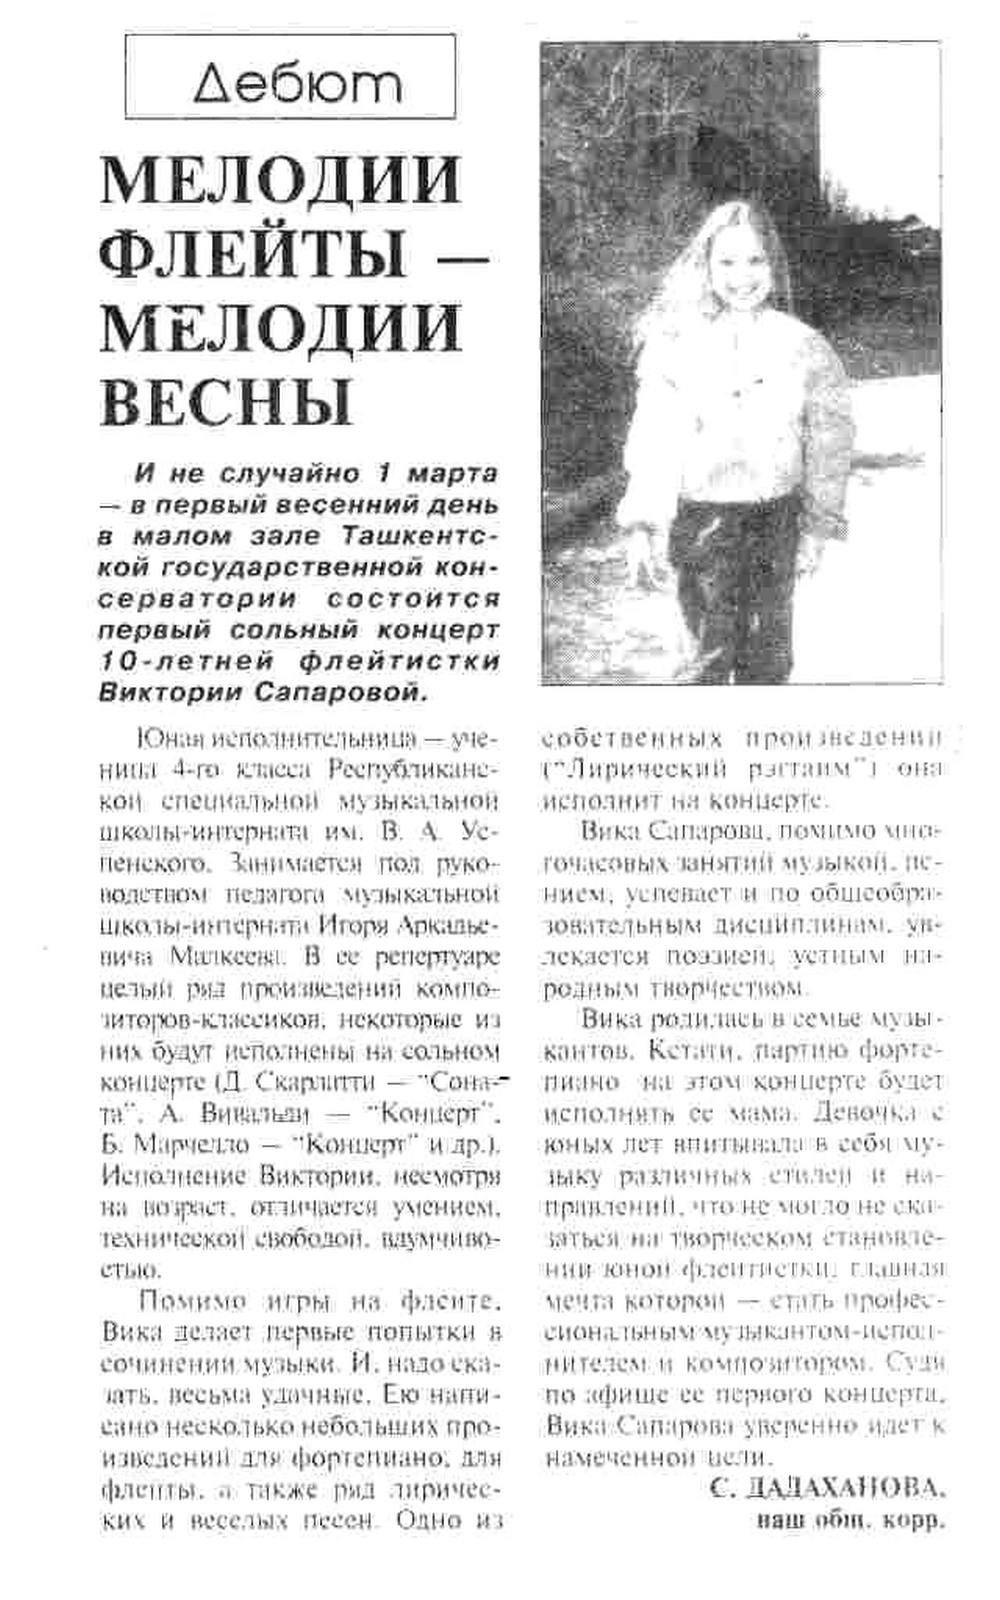 Дебют Виктории Сапаровой